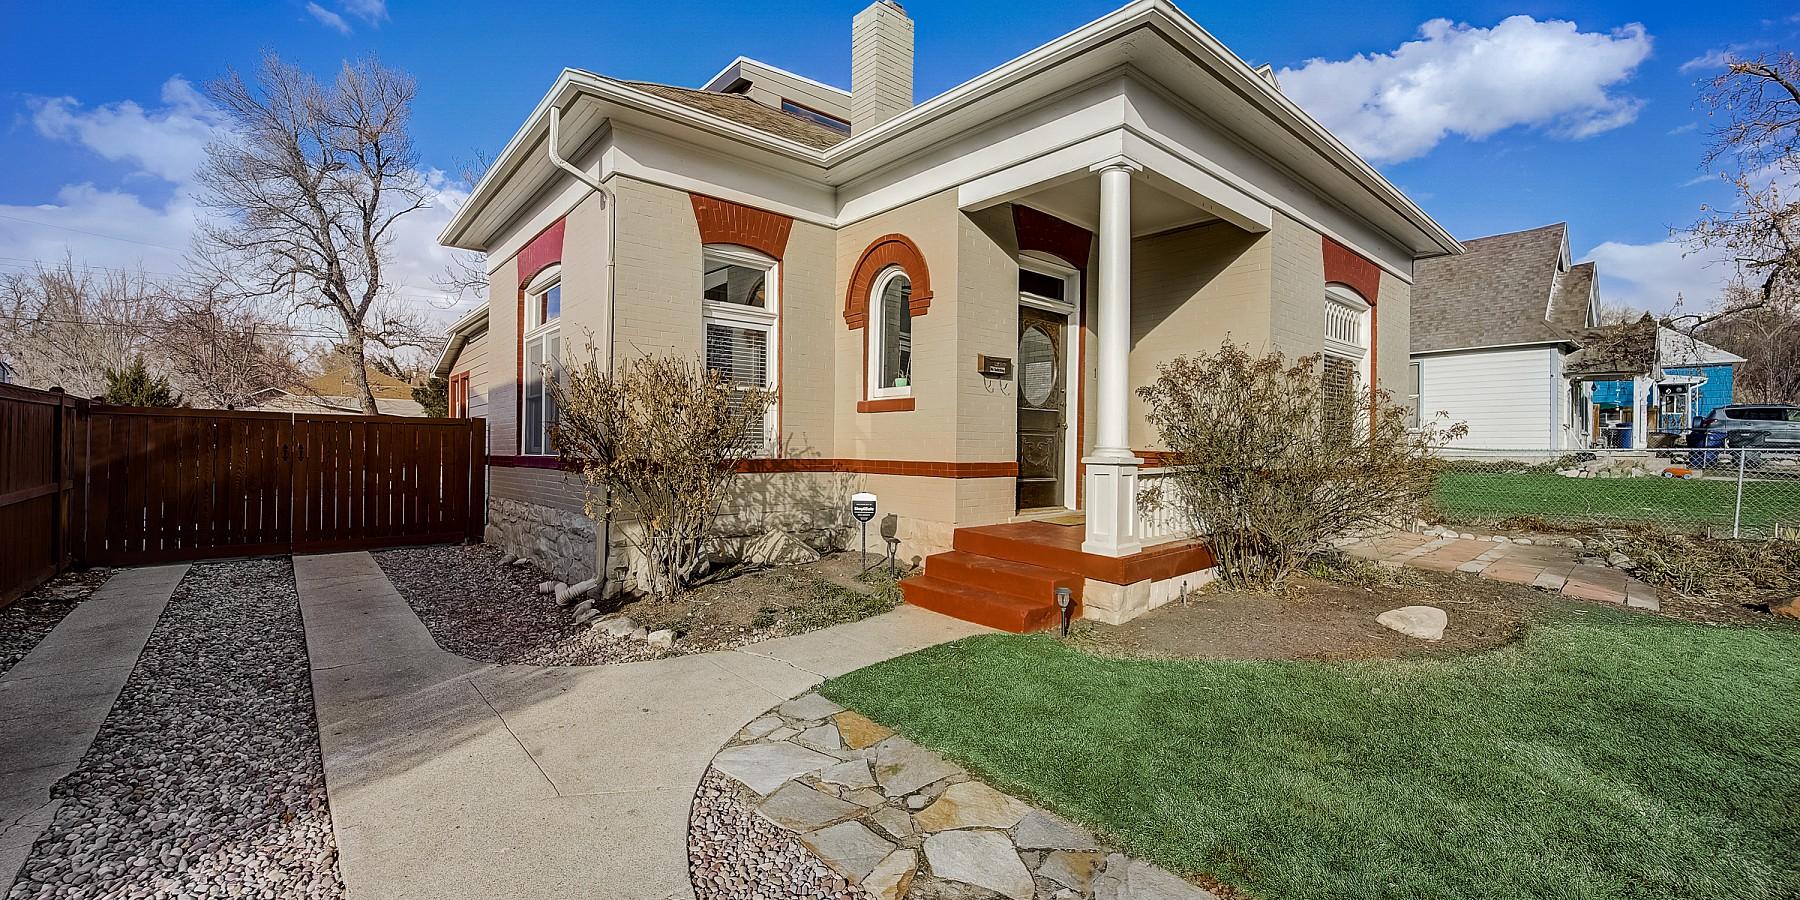 1159 E. Emerson Avenue, Salt Lake City, UT 84105